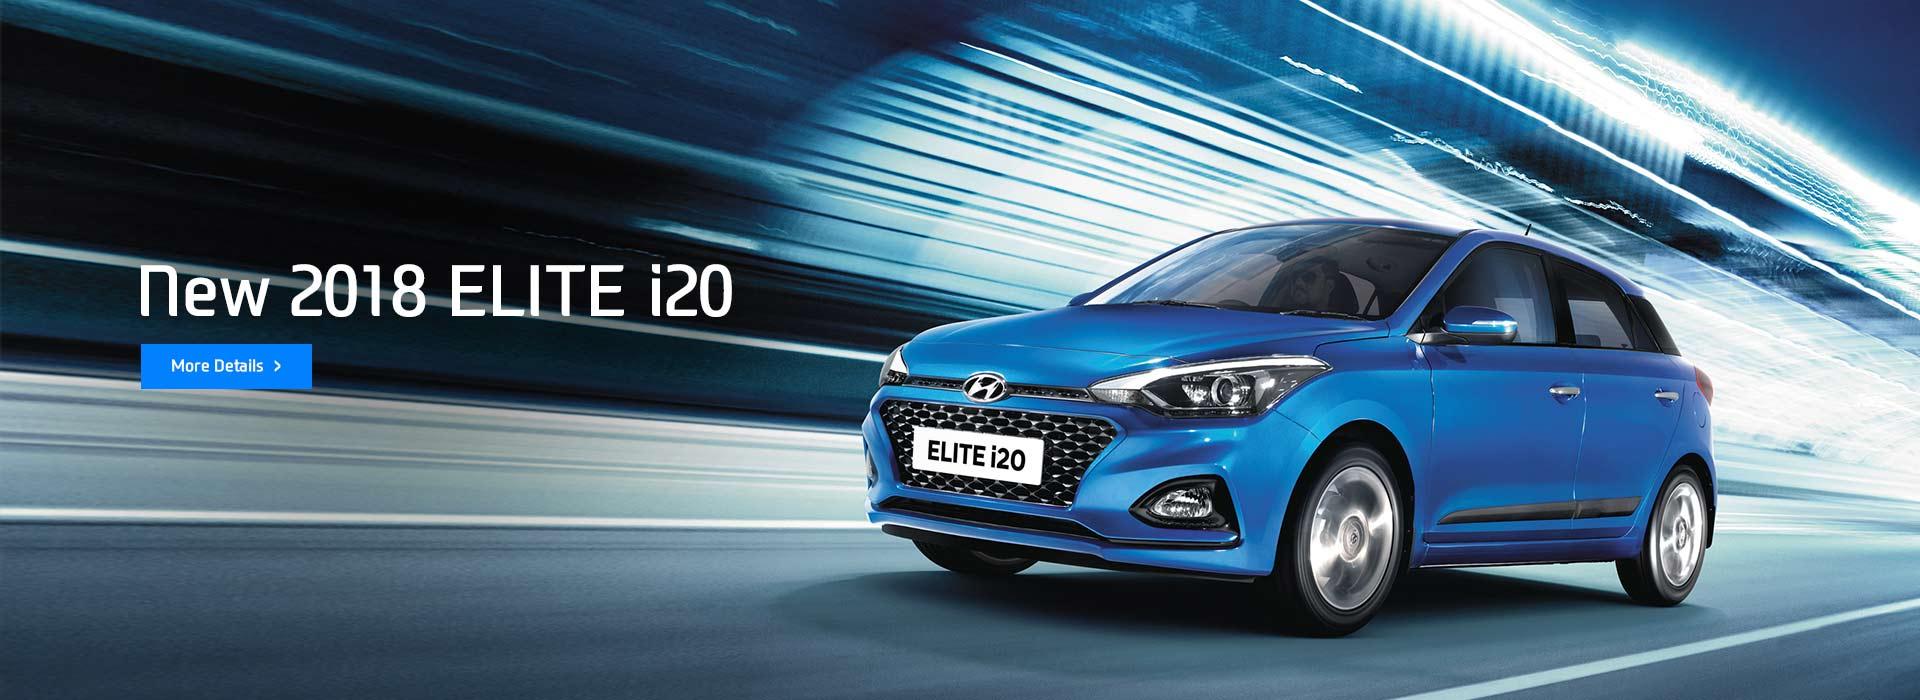 Hyundai Car Dealers And Showroom V3 Hyundai Chennai